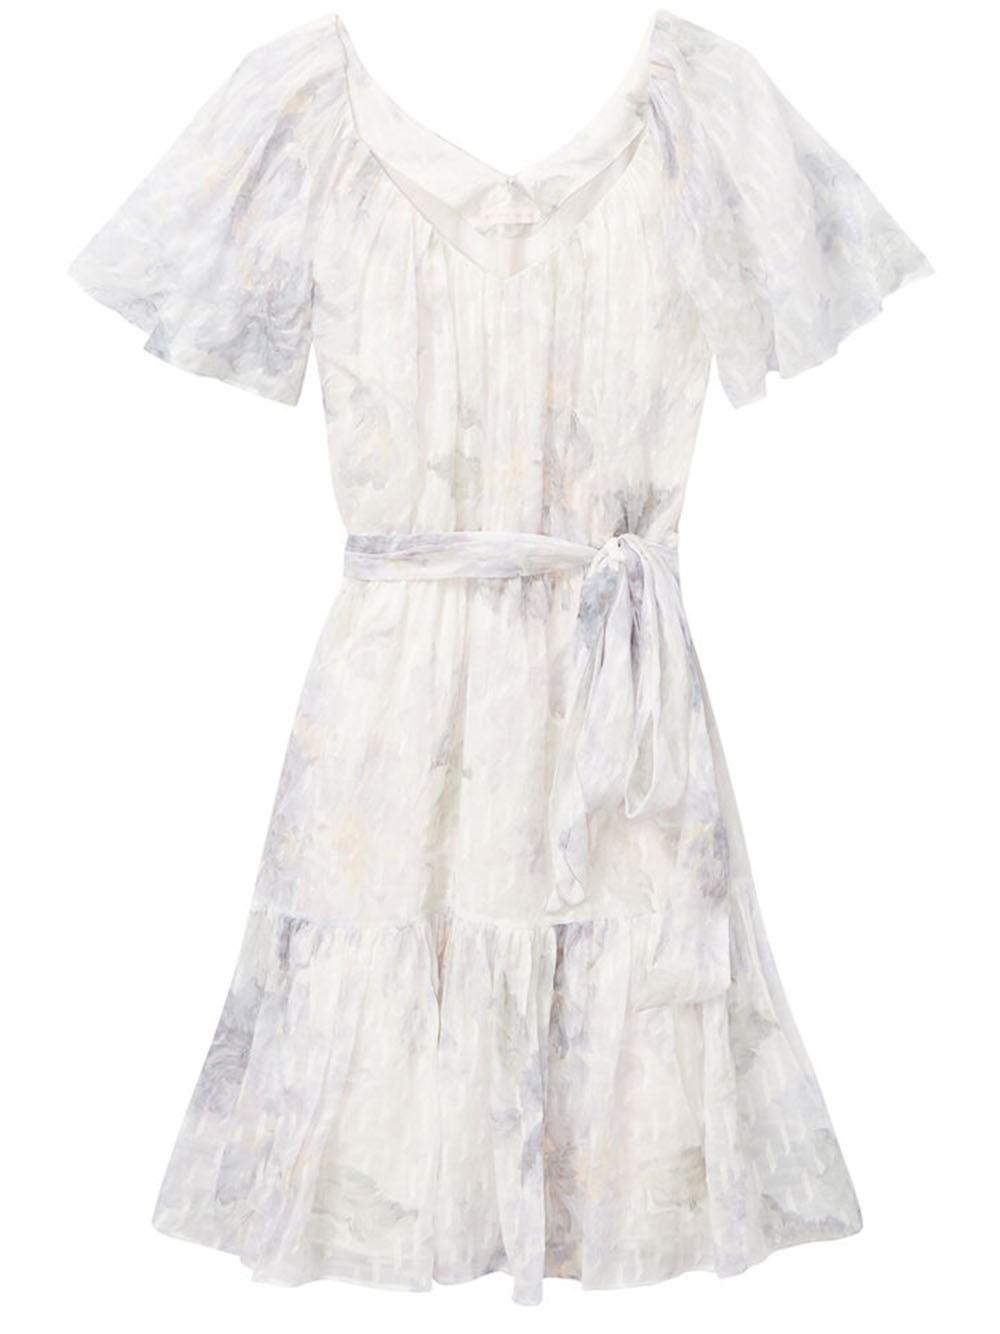 Shadow Lily Flutter Sleeve Dress Item # 220938D544